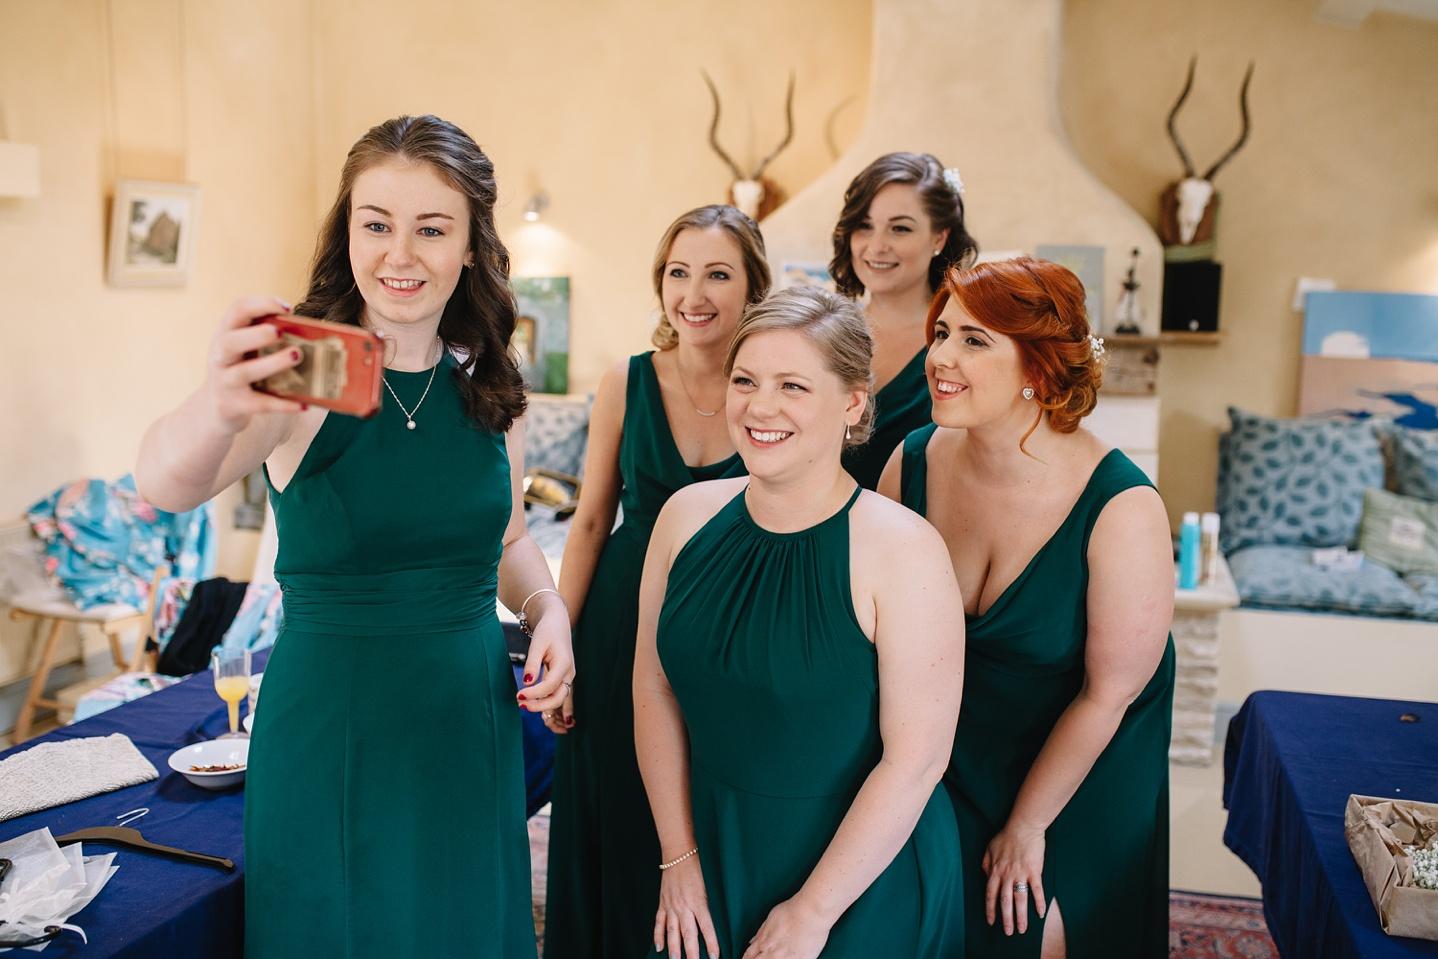 Oxleaze-Barn-Wedding-Photographer_0021.jpg